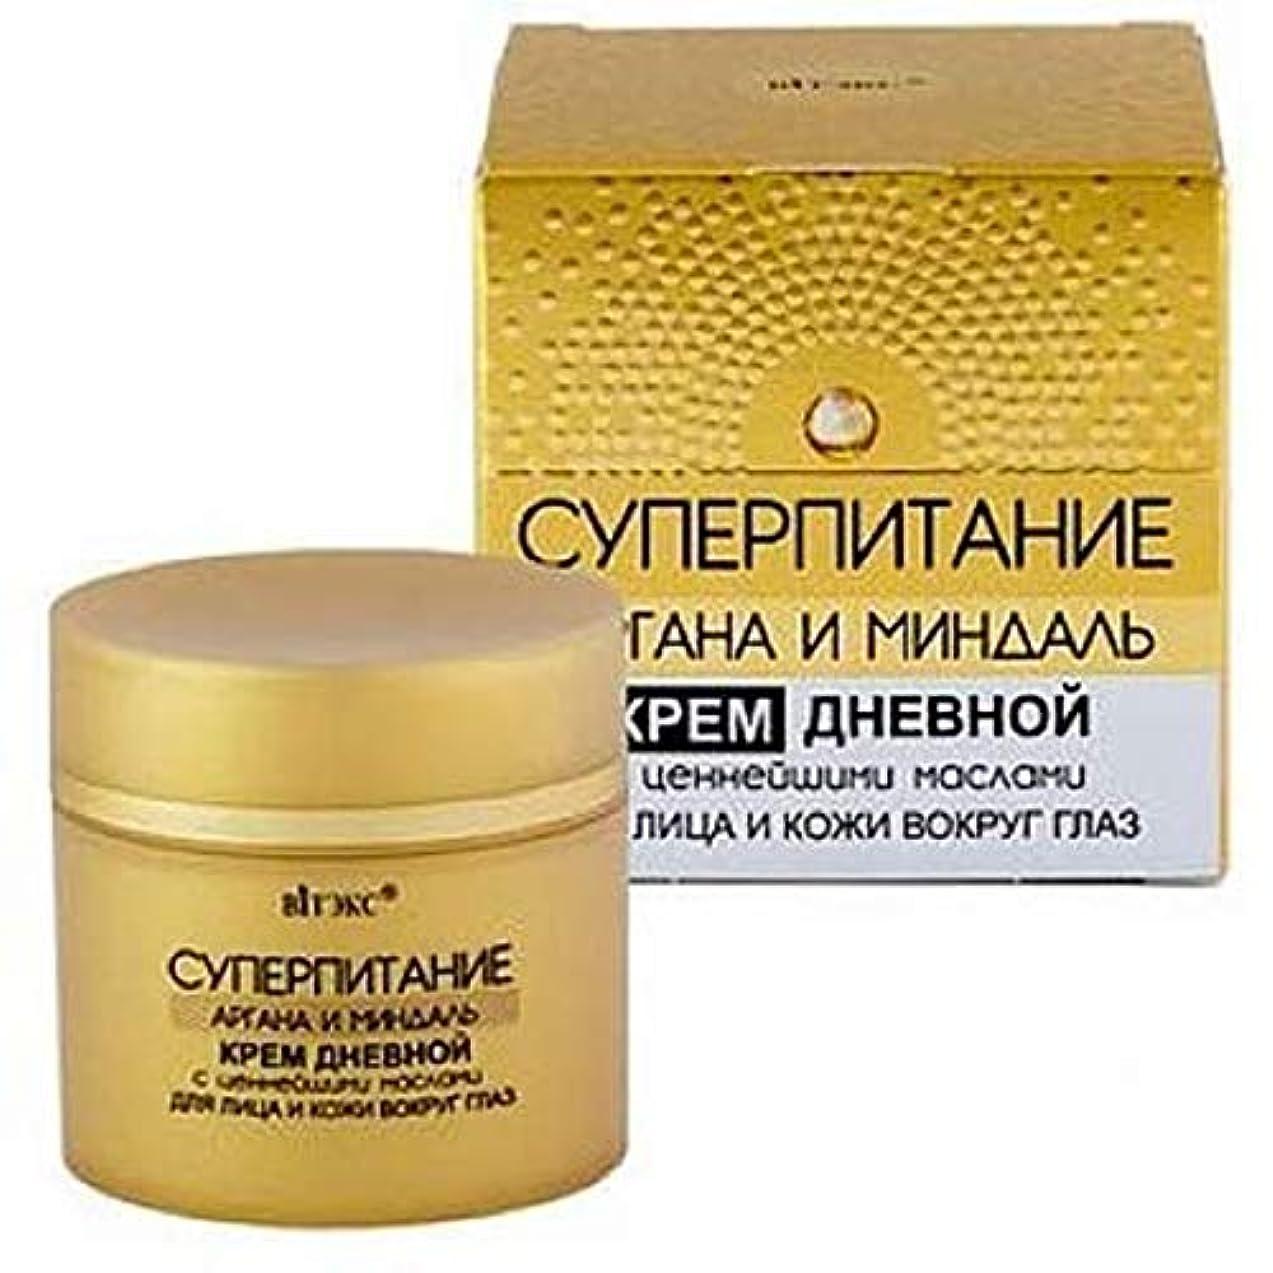 巨人司書推進Day cream with the most valuable oils for the face and skin around the eyes | Argan and Almond | Nutrition | Actively...